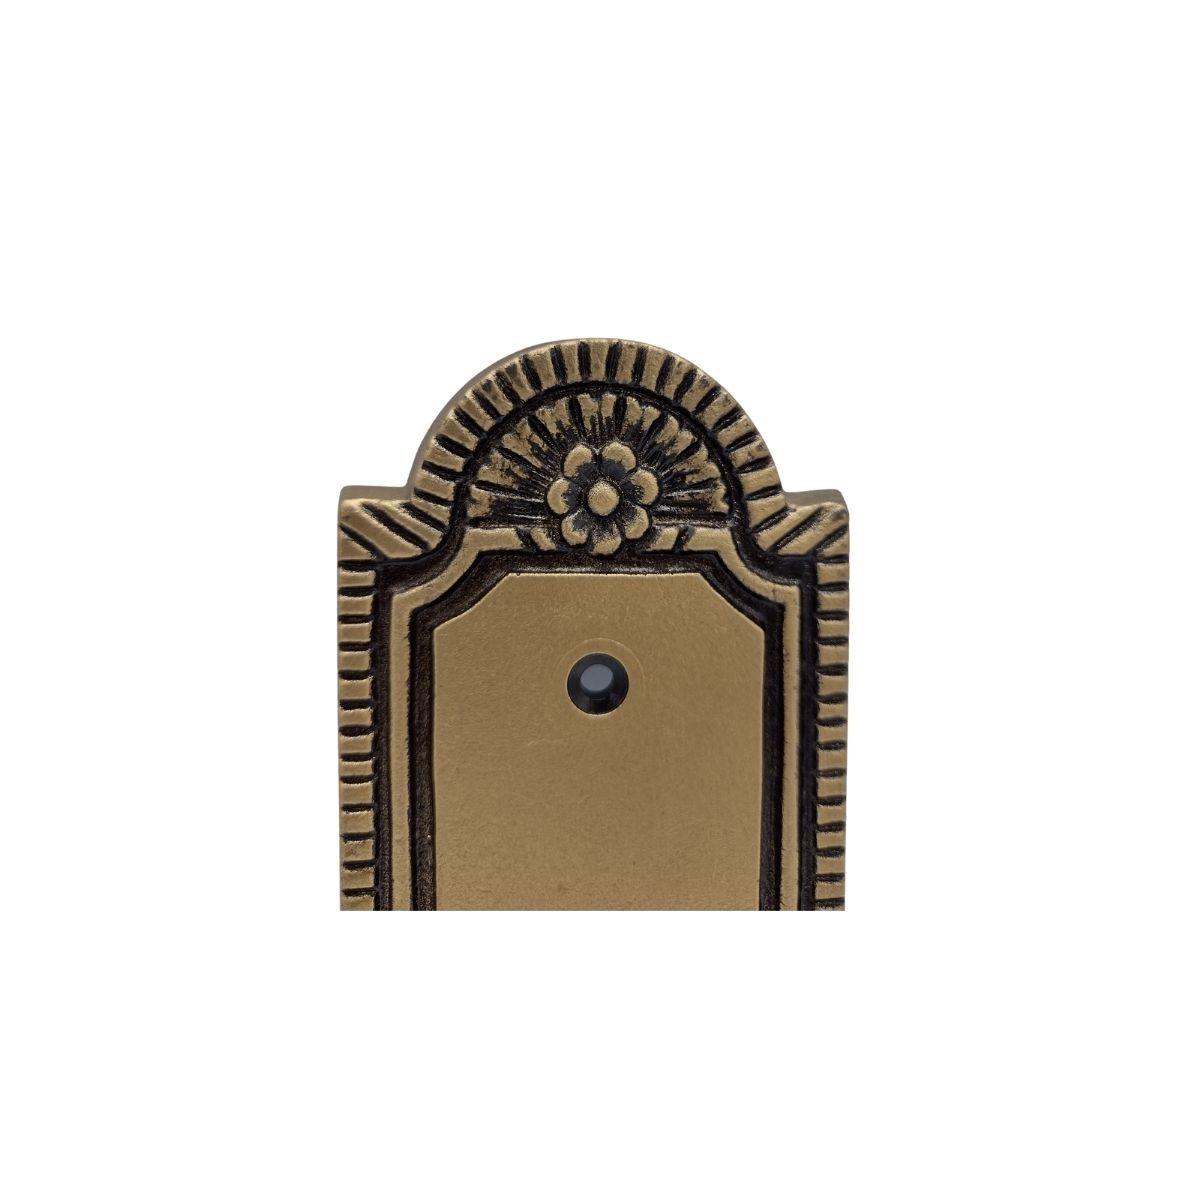 Espelho Decorativo Colonial Vintage RetrôCega 4x2